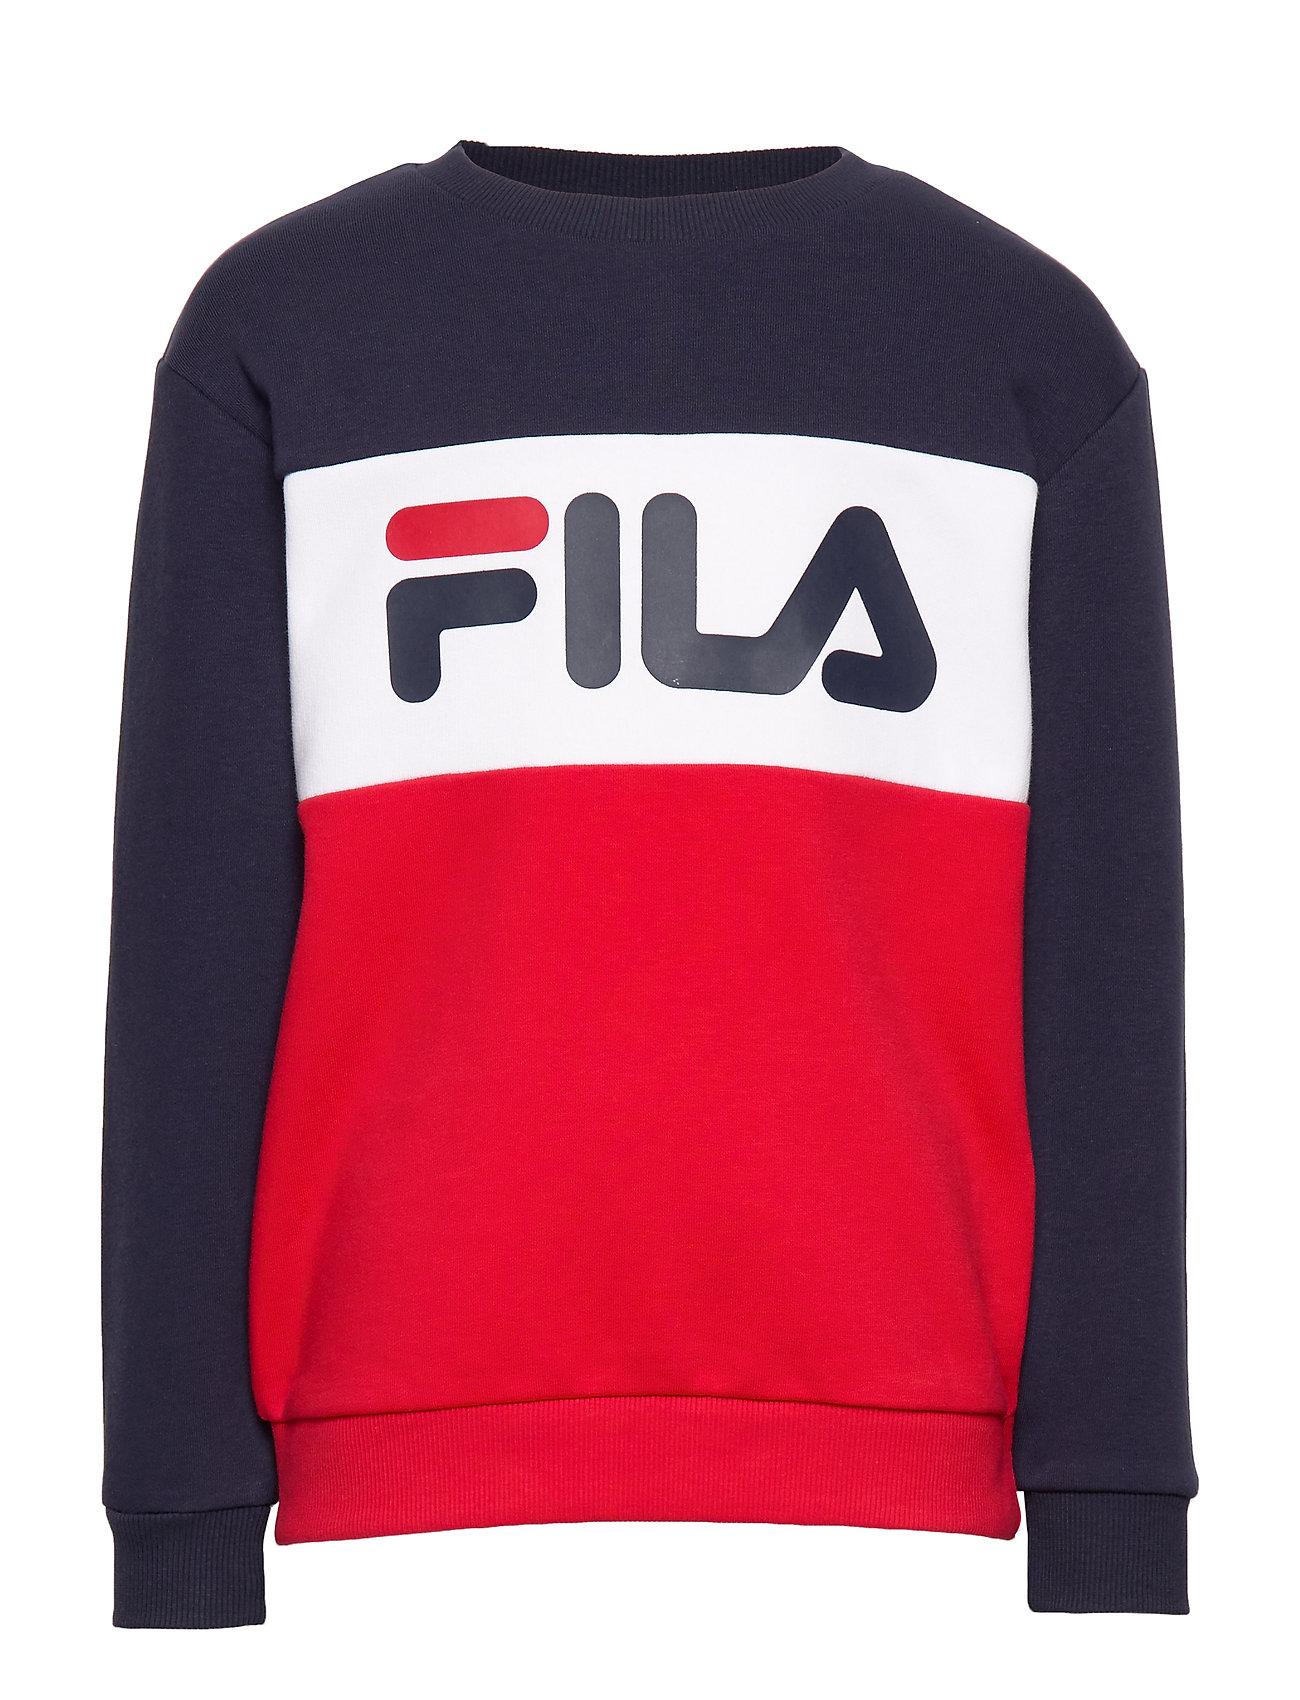 FILA KIDS NIGHT blocked crew shirt - LACK IRIS-TRUE RED-BRIGHT WHITE